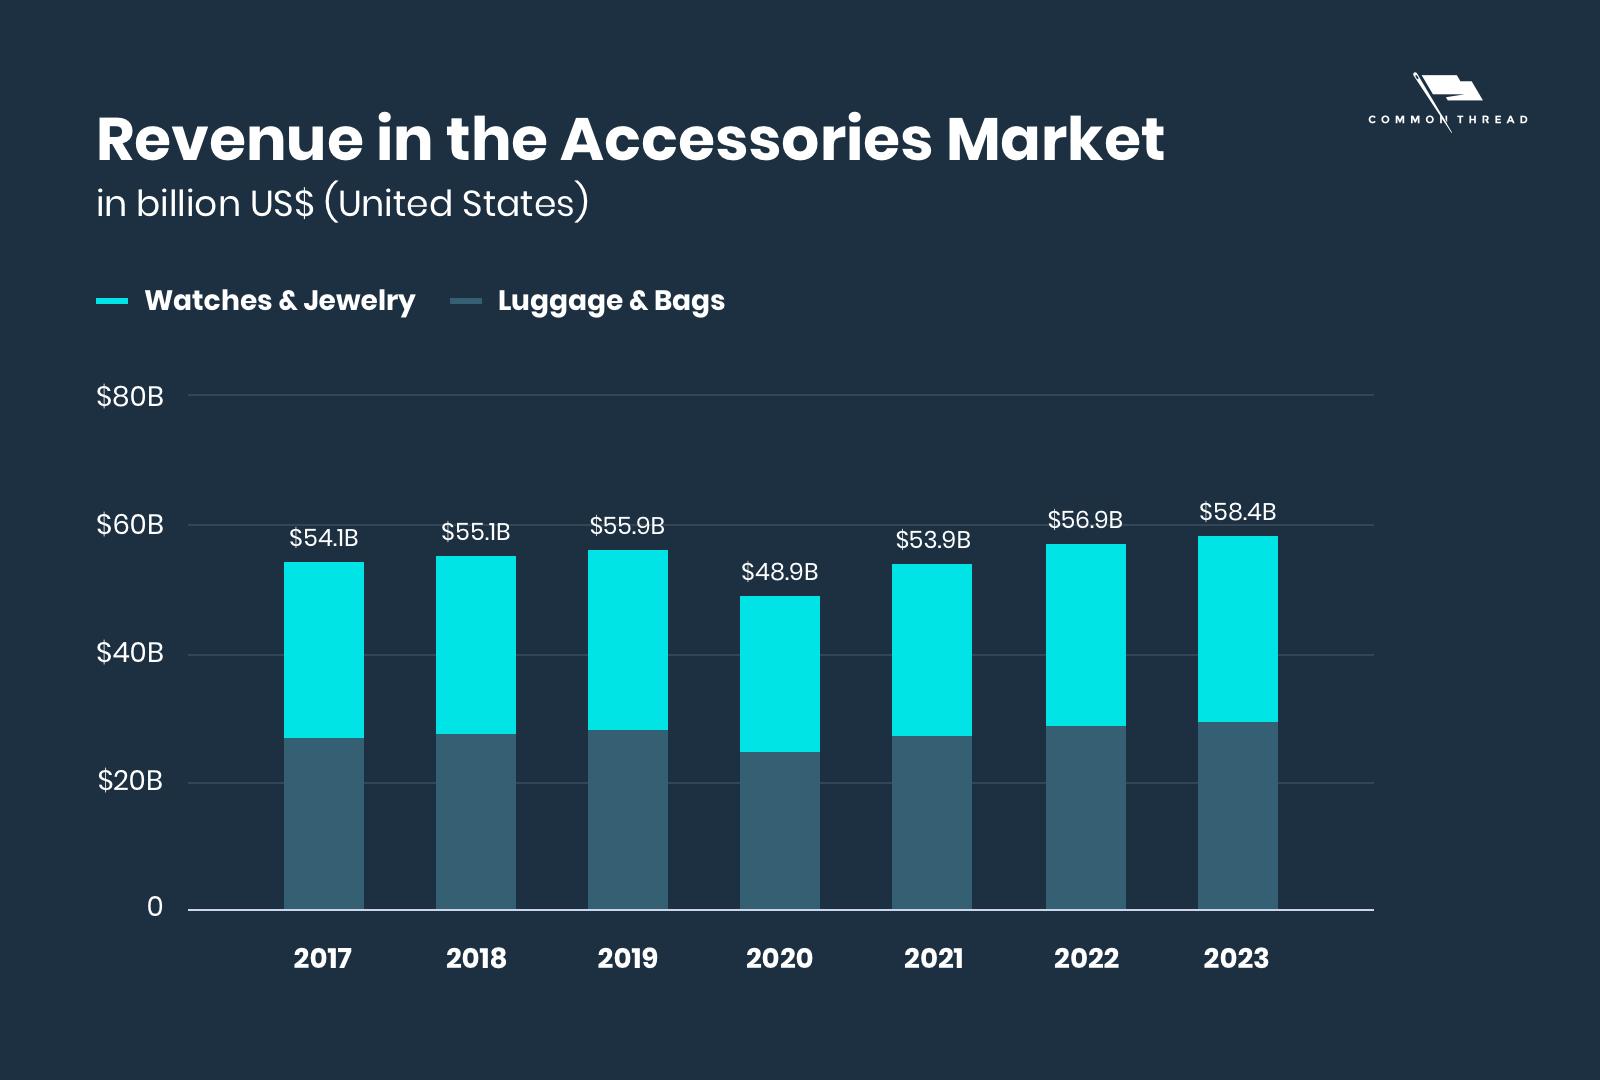 Revenue in the accessories market